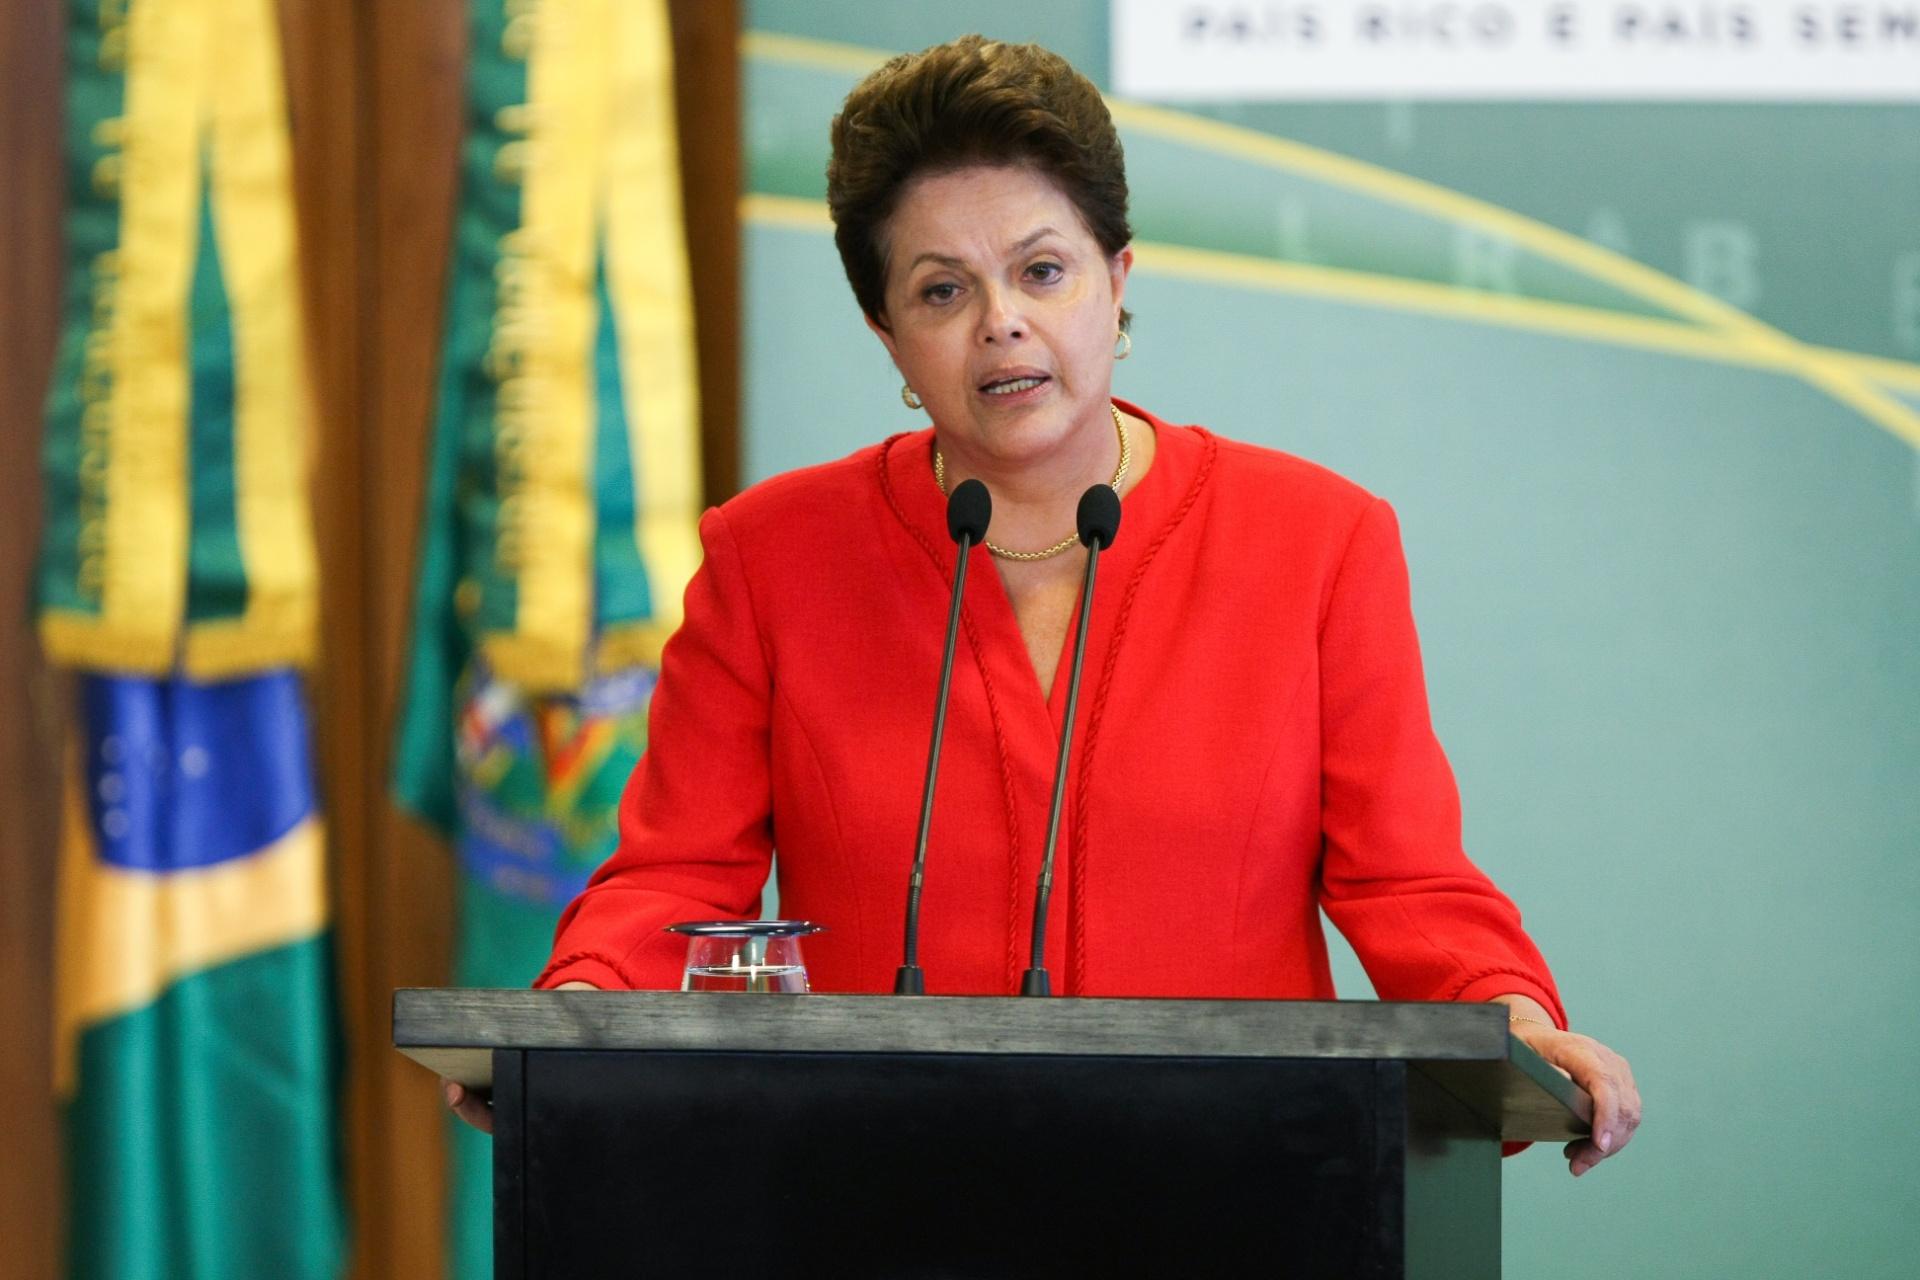 15.ago.2011 - A presidente Dilma Rousseff participa da cerimônia de posse do procurador-geral da República, Roberto Gurgel, no Palácio do Planalto